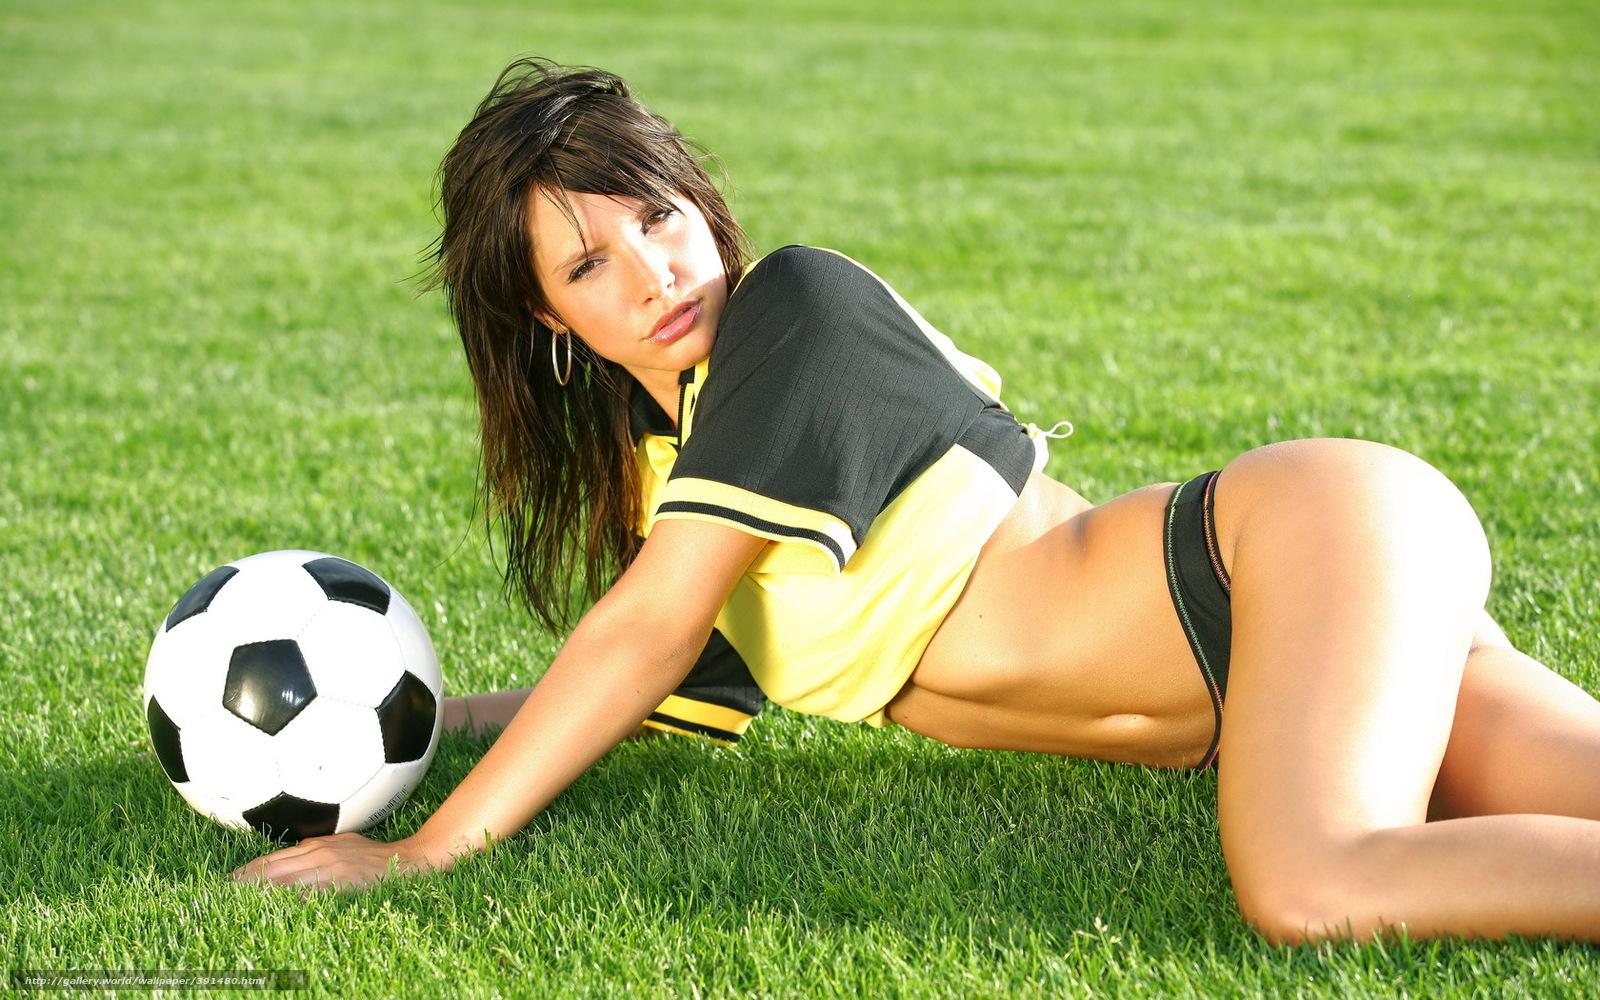 Сэкс на футбольным поле в россии 22 фотография